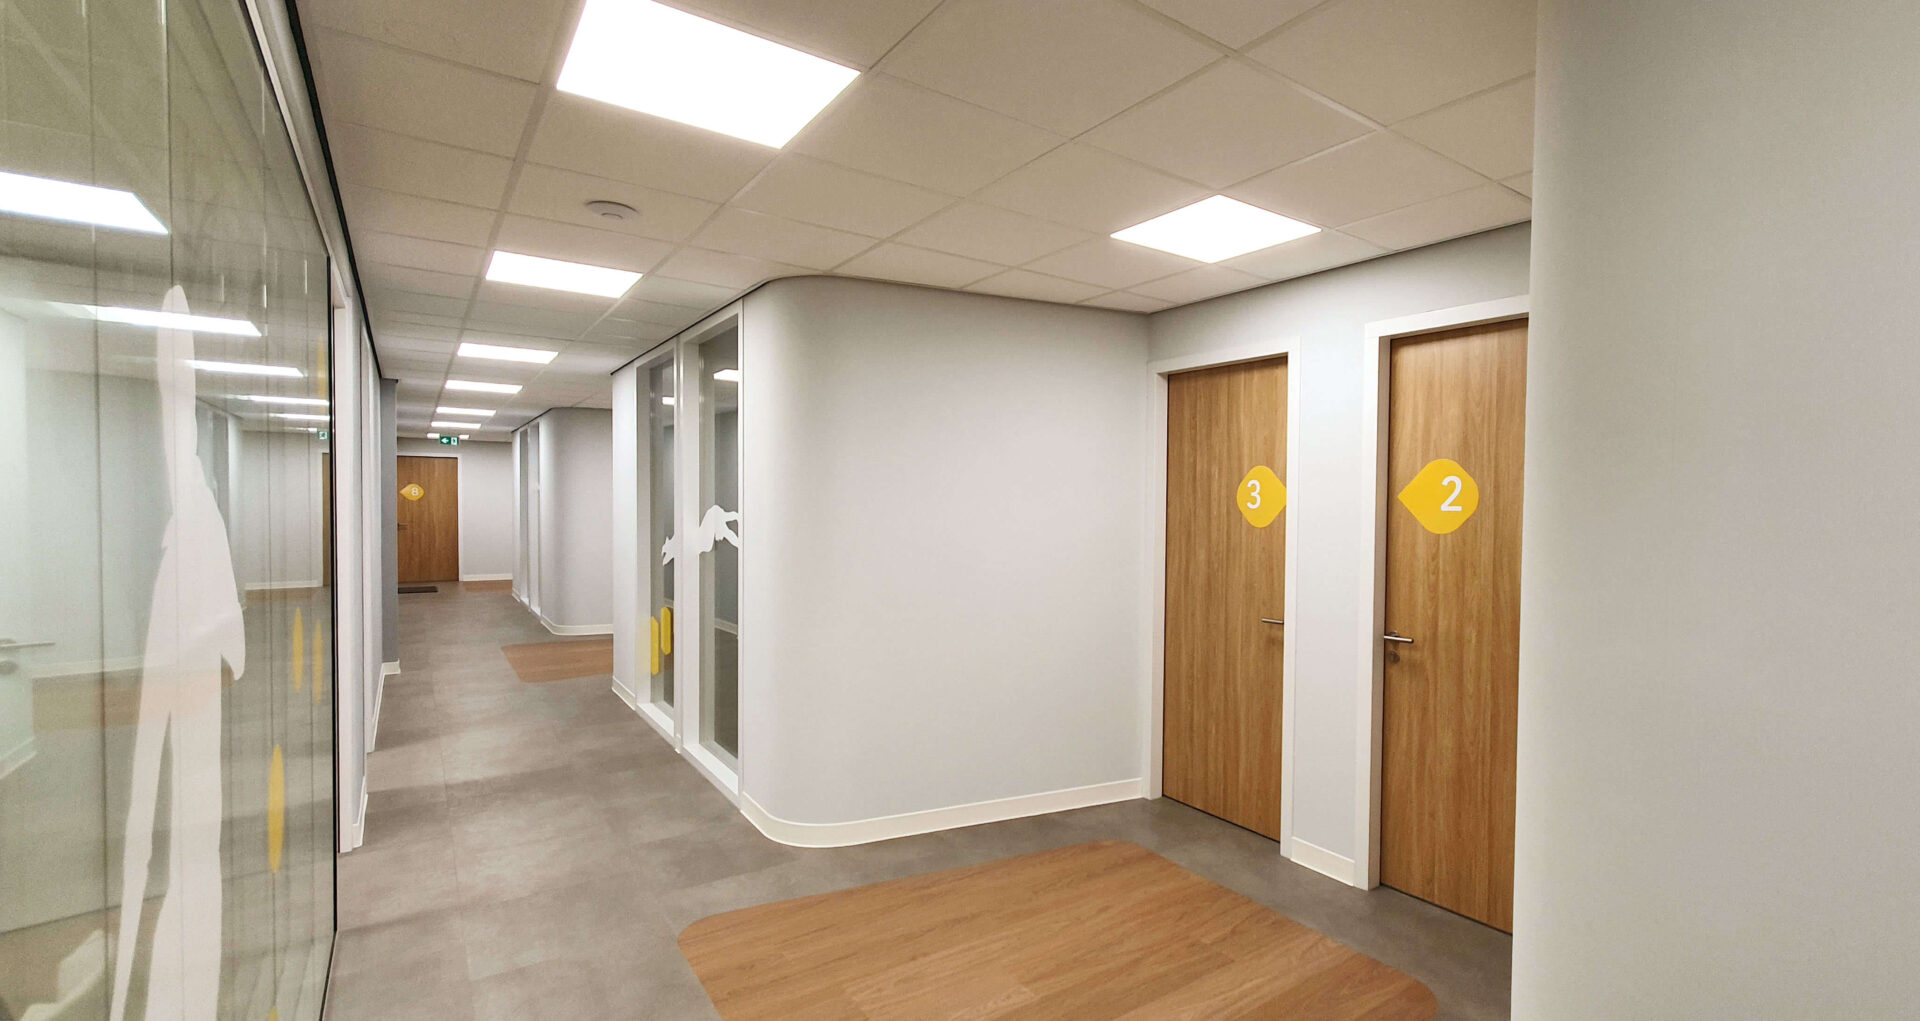 Interieur-ontwerp-archictecten-bureau-Zijlstra-Schipper-Noord-Holland-Wormer-gezondheidszorg-zorg-Gangzone-01a